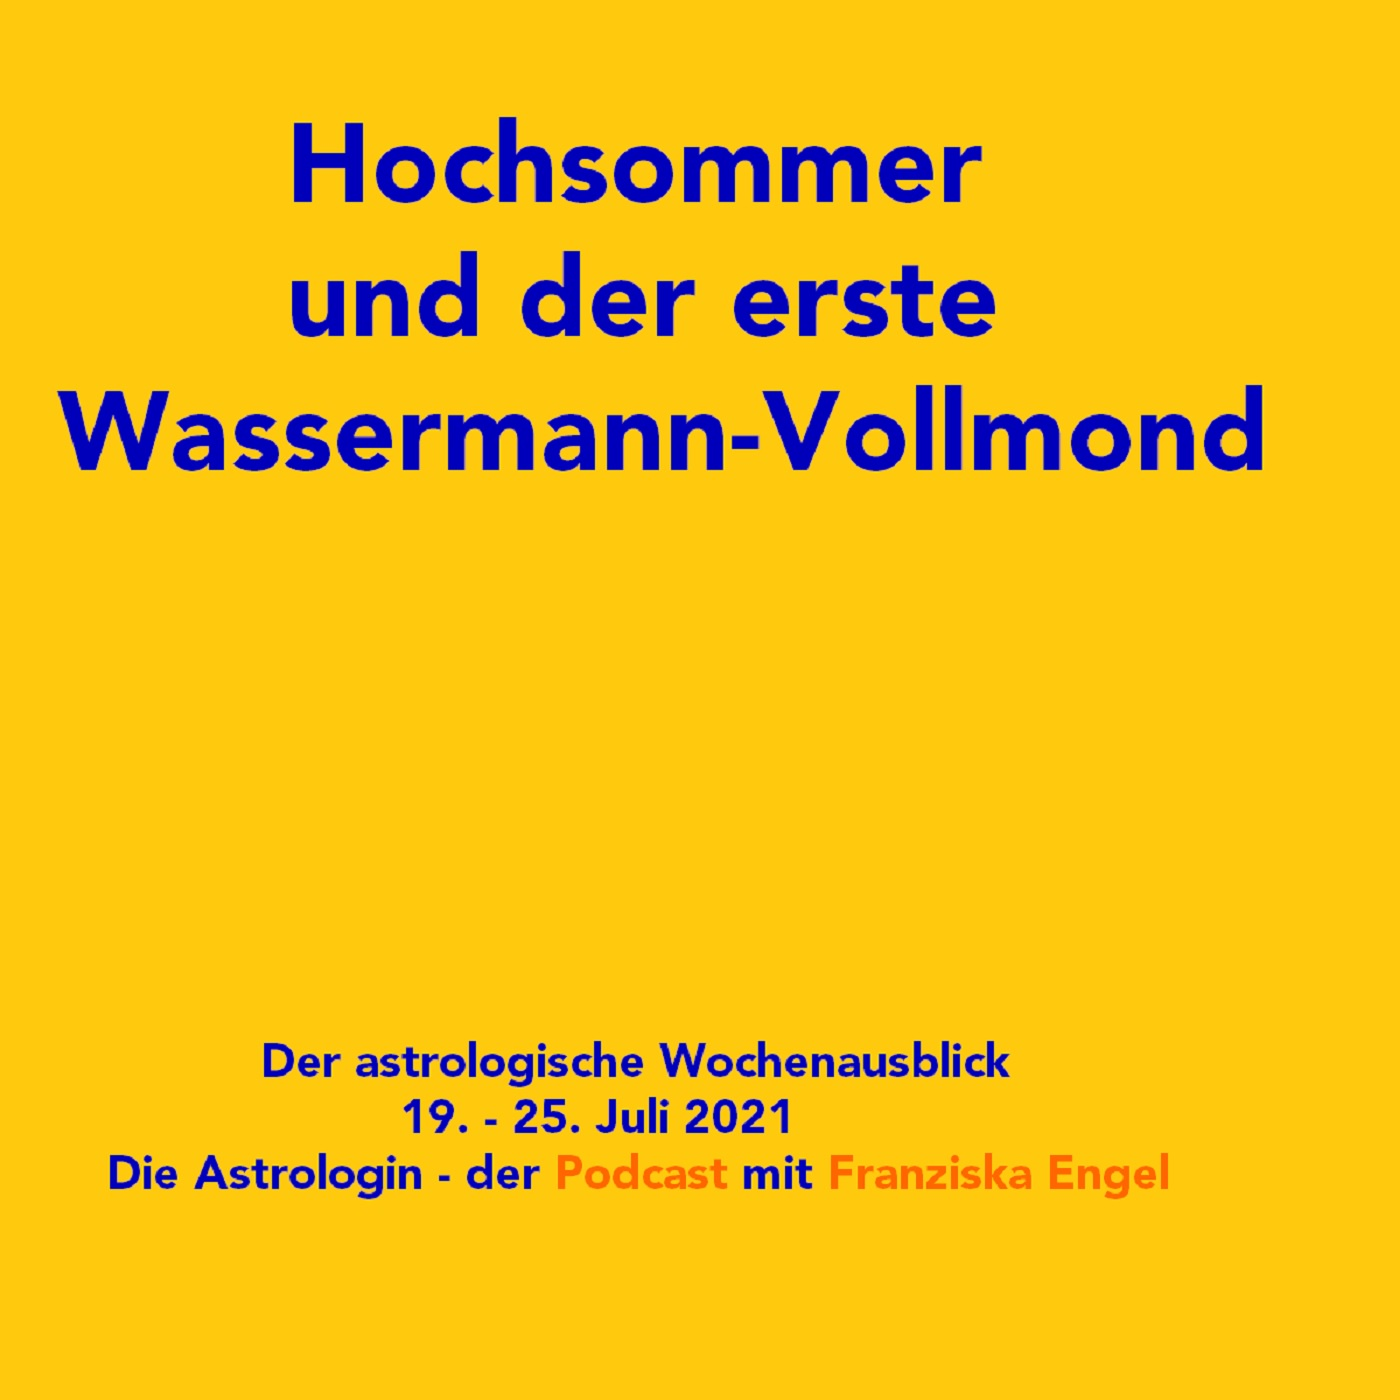 Hochsommer und der erste Wassermann-Vollmond